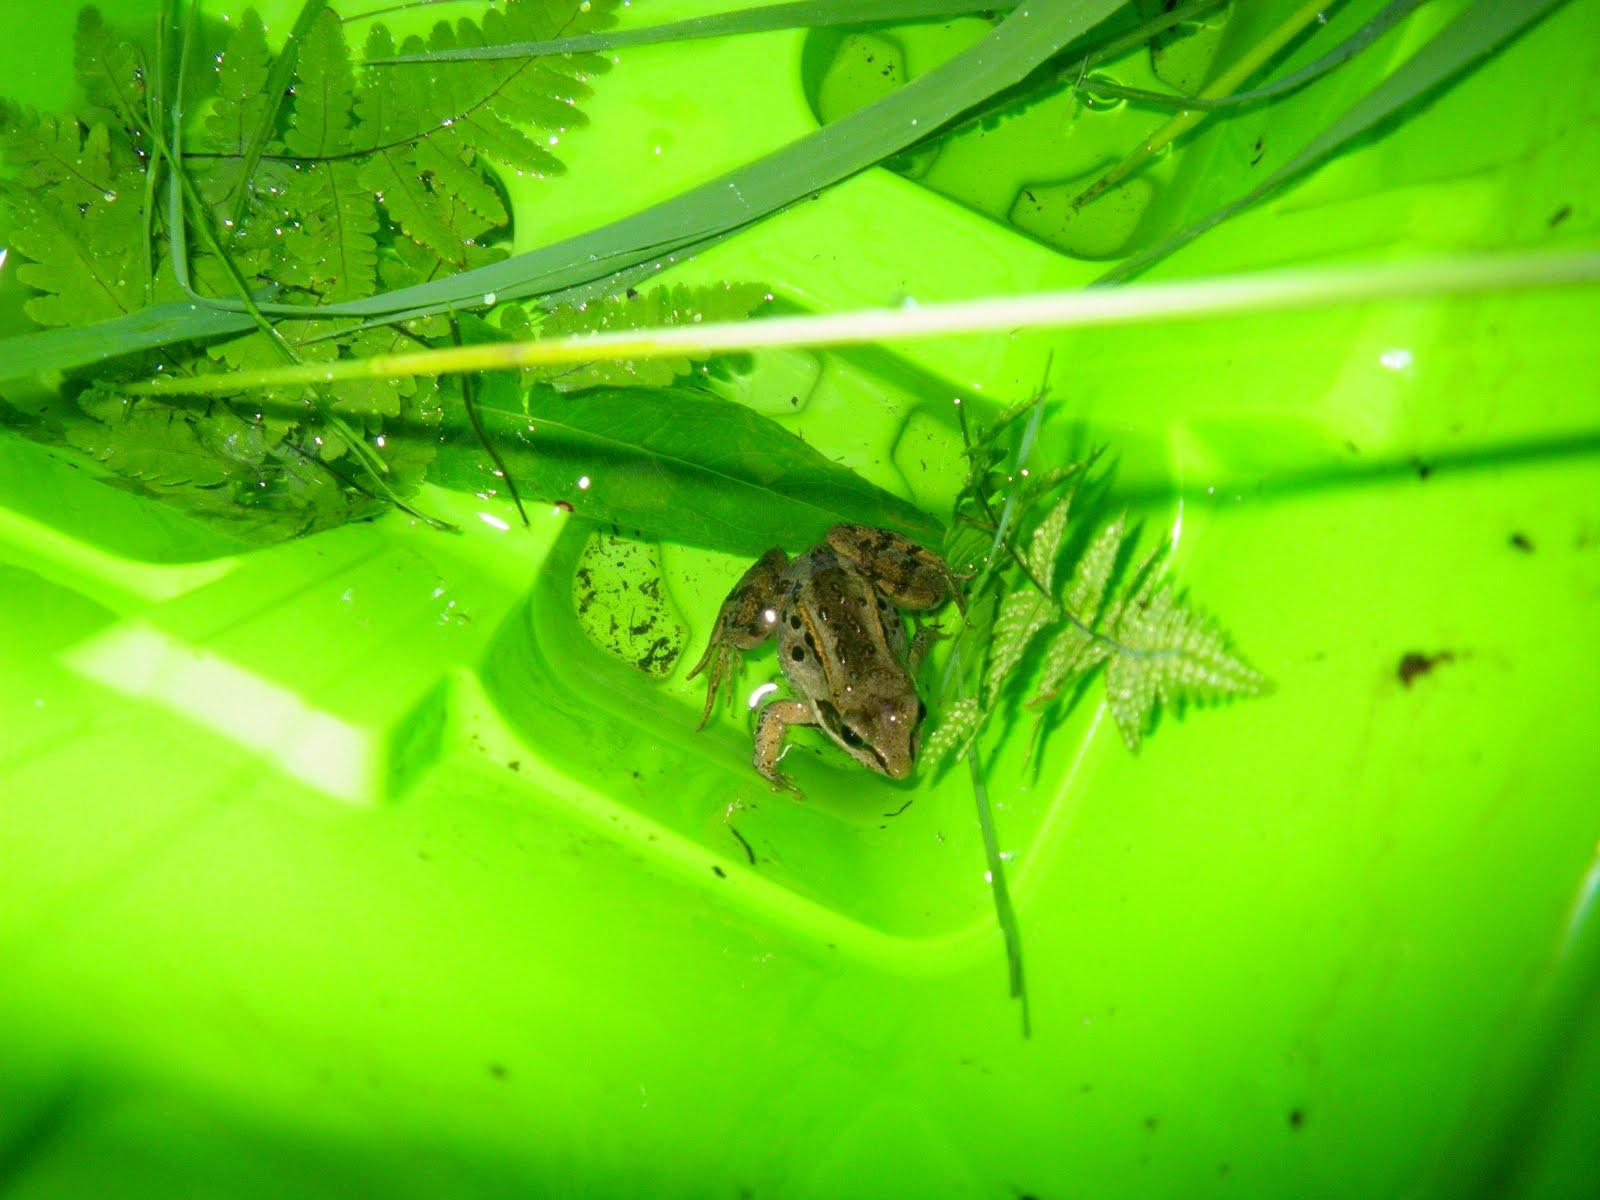 Alaskan-Wood-Frog-in-water